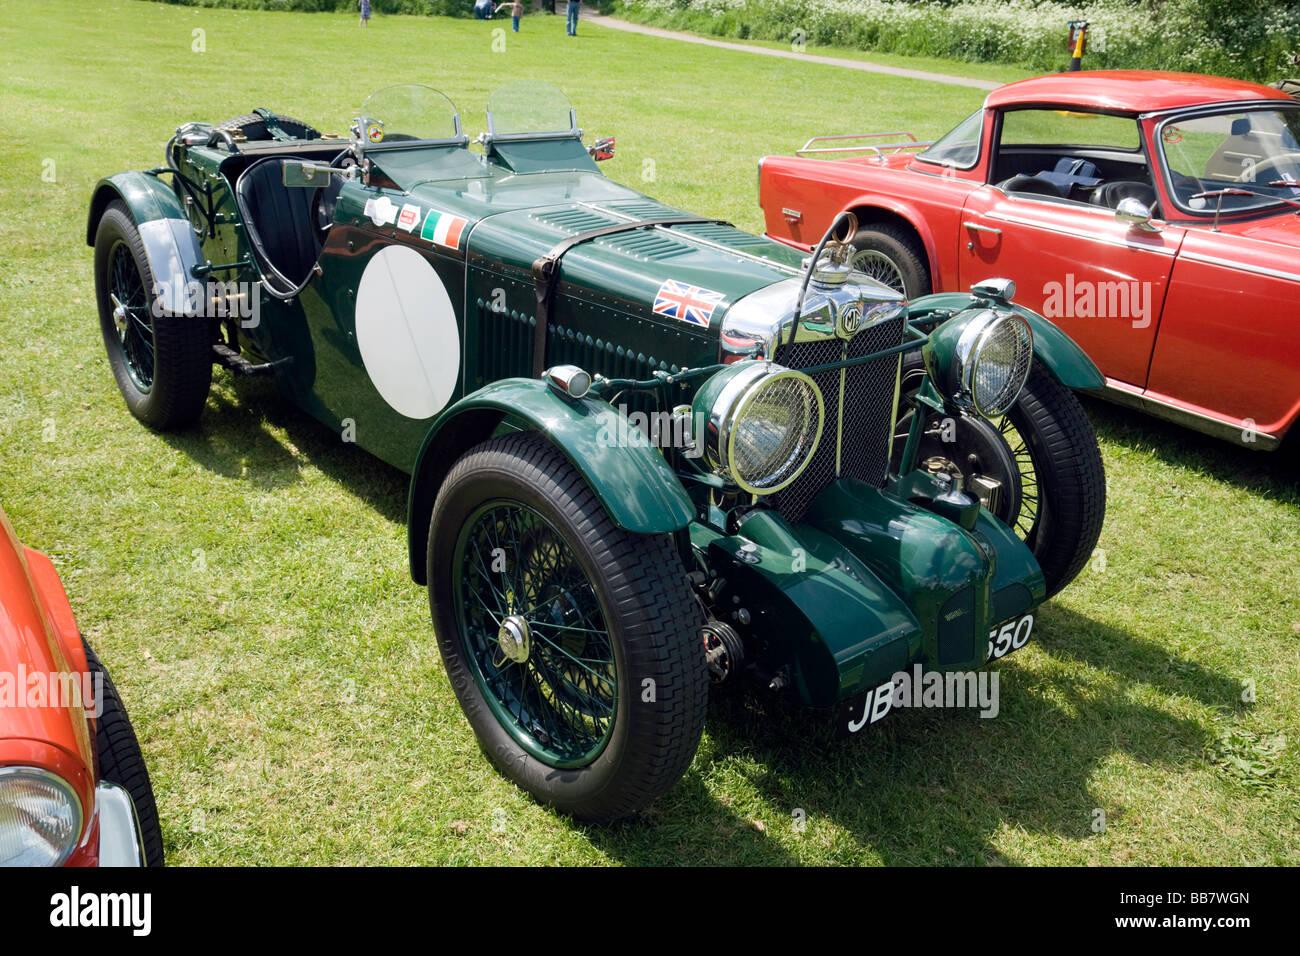 Vintage Mg Car 12